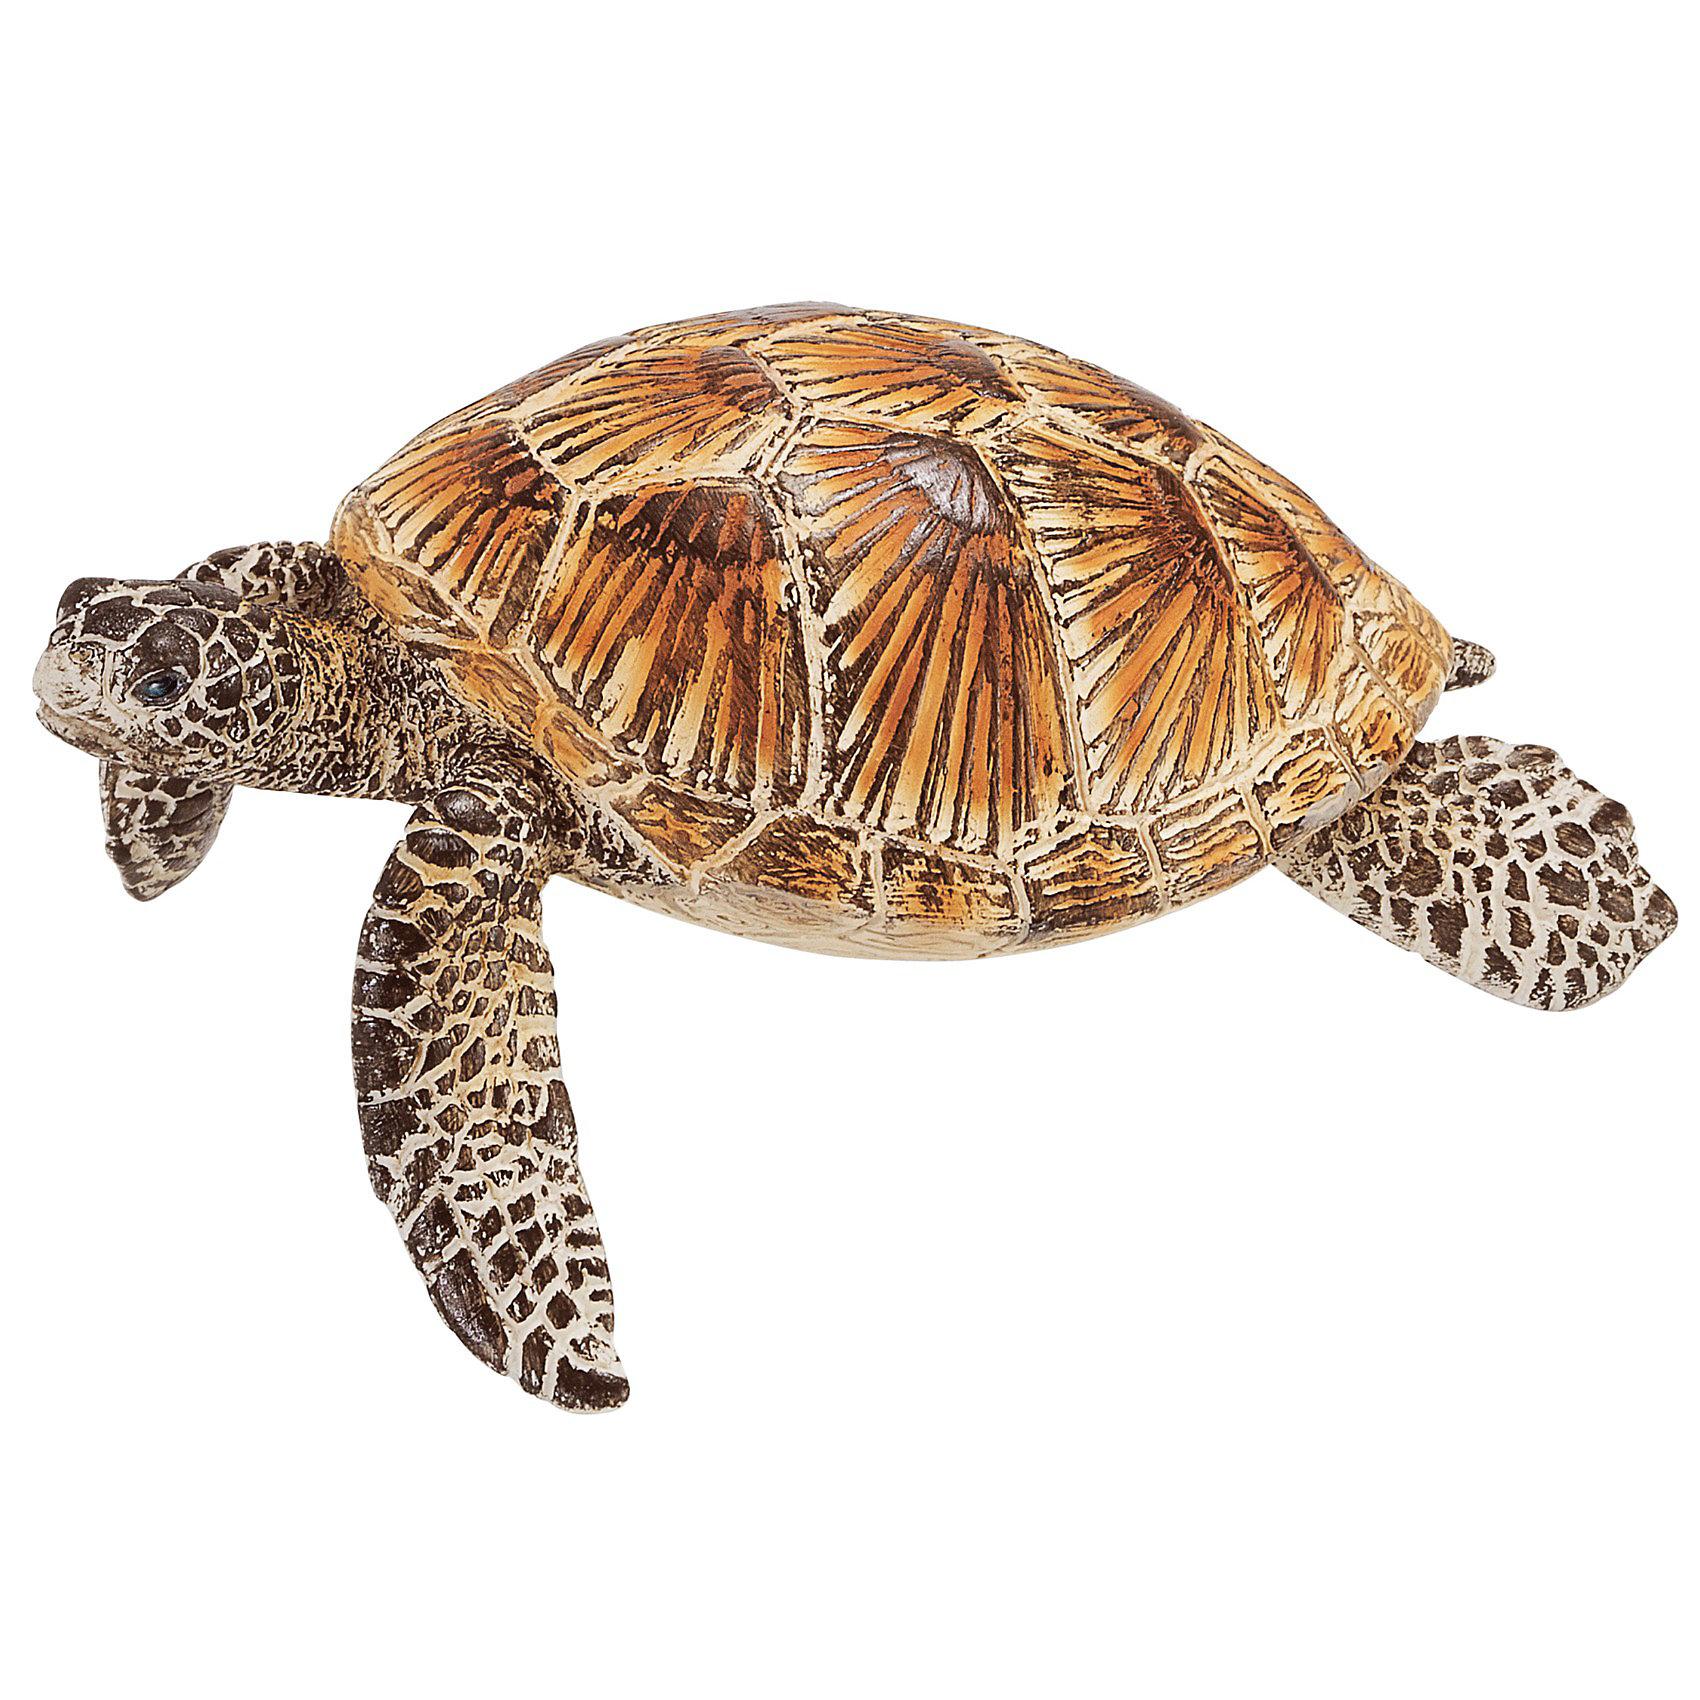 Морская черепаха, SchleichМир животных<br>Морская черепаха прекрасно адаптирована для жизни в воде. У нее обтекаемое туловище и лапы в виде ласт, что позволяет черепахе довольно быстро плавать. Ее движения под водой напоминают полет птицы в небе. Интересно, что морская черепаха не может спрятать свою большую голову в панцирь. <br>За исключением того времени, когда они откладывают яйца, черепахи проводят всю свою жизнь в тропических и субтропических водах, где они охотятся на головоногих, крабов и медуз.<br><br>Дополнительная информация:<br><br>- Размер: 5.5 ? 8 ? 3.5 см<br>- Материал: каучуковый пластик<br><br>Фигурку Морской черепахи, Schleich (Шляйх) можно купить в нашем магазине.<br><br>Ширина мм: 92<br>Глубина мм: 55<br>Высота мм: 35<br>Вес г: 31<br>Возраст от месяцев: 36<br>Возраст до месяцев: 96<br>Пол: Унисекс<br>Возраст: Детский<br>SKU: 3164139